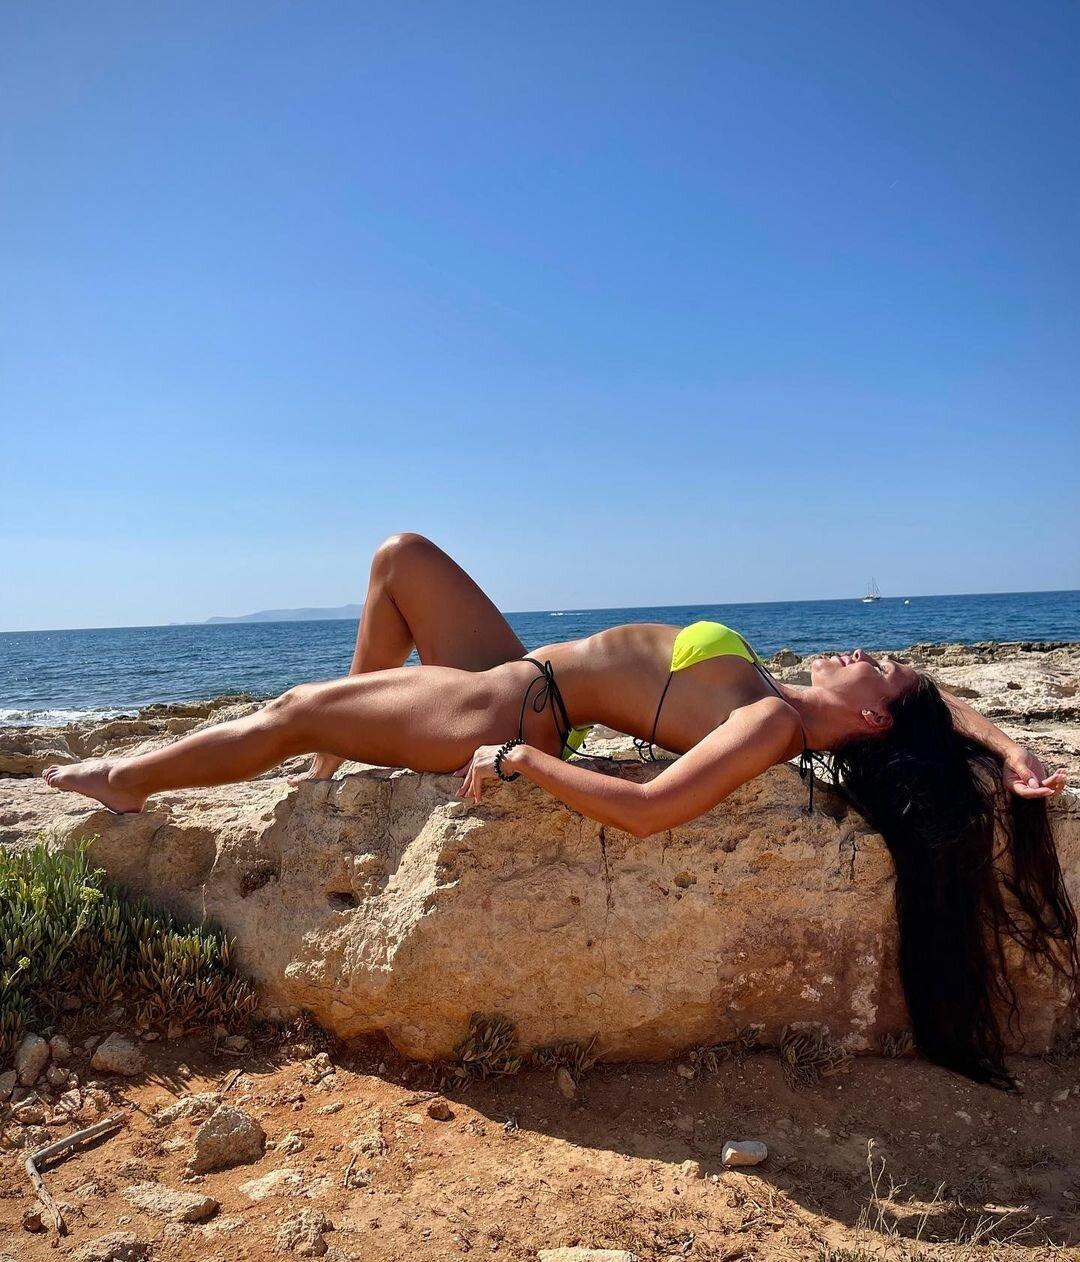 Ни капли фотошопа: жена Влада Ямы похвасталась идеальной фигурой в бикини